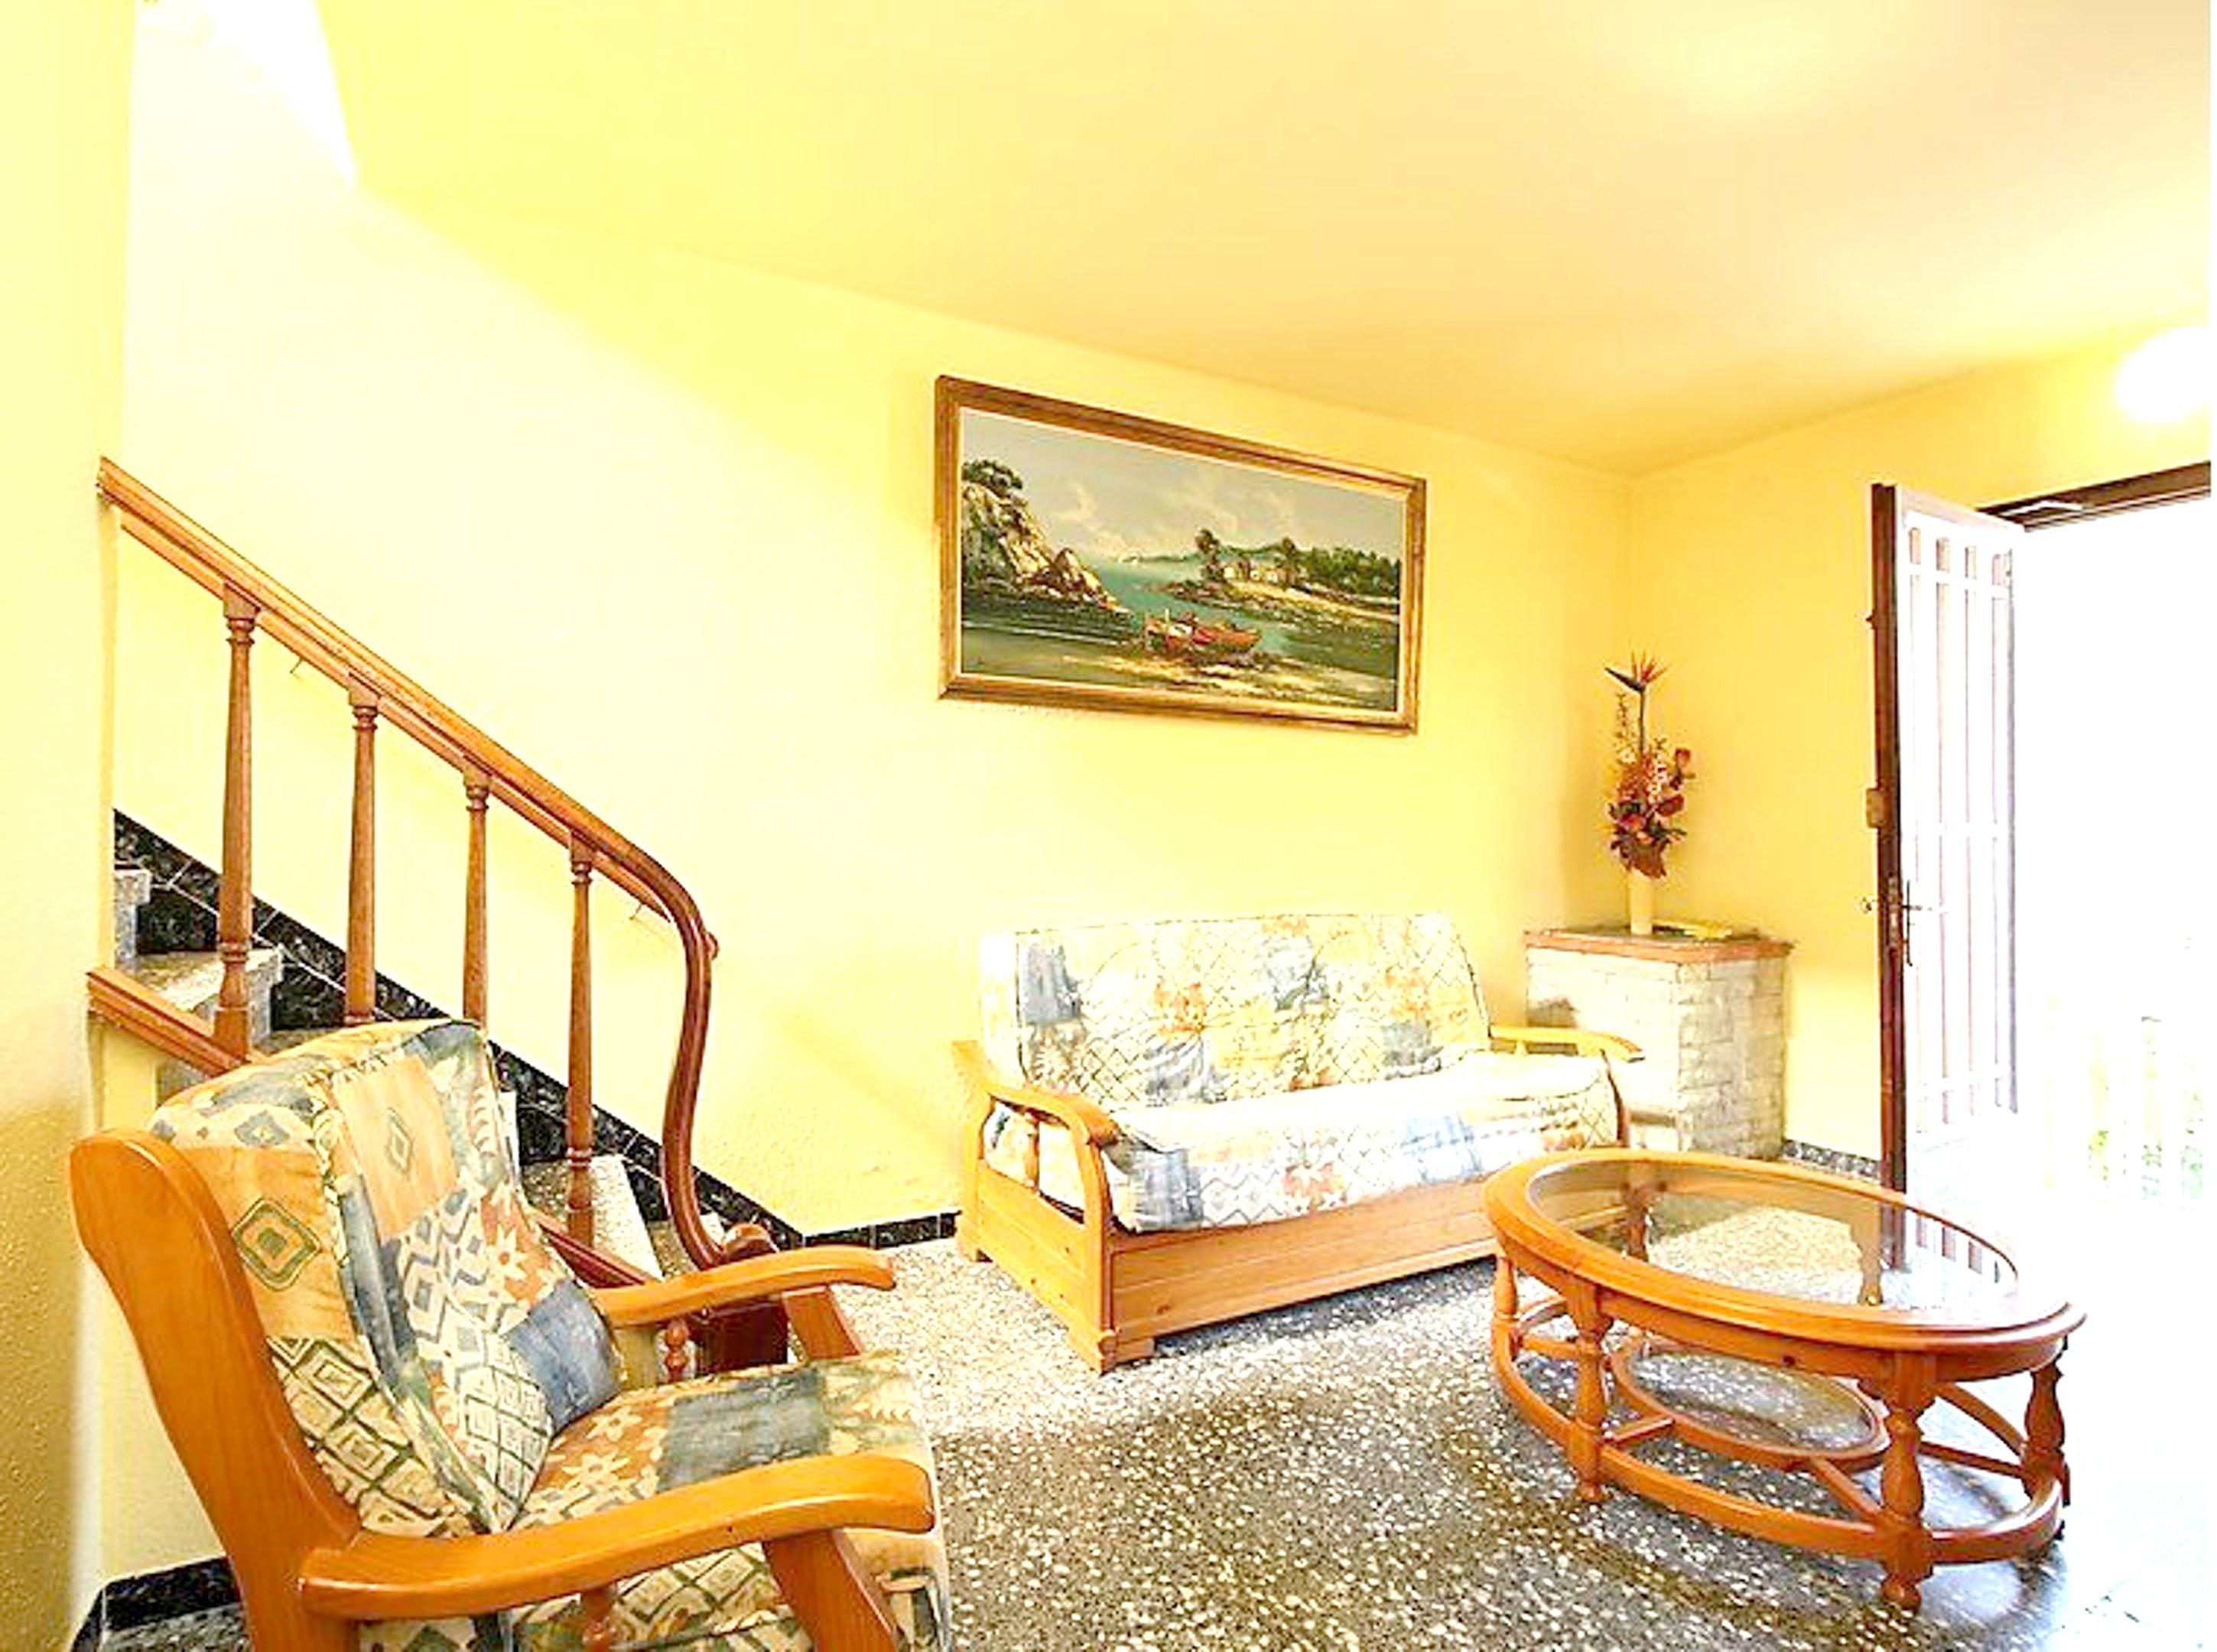 Ferienhaus Villa mit 6 Schlafzimmern in Canyelles mit toller Aussicht auf die Berge, privatem Pool, e (2339365), Canyelles, Costa del Garraf, Katalonien, Spanien, Bild 3